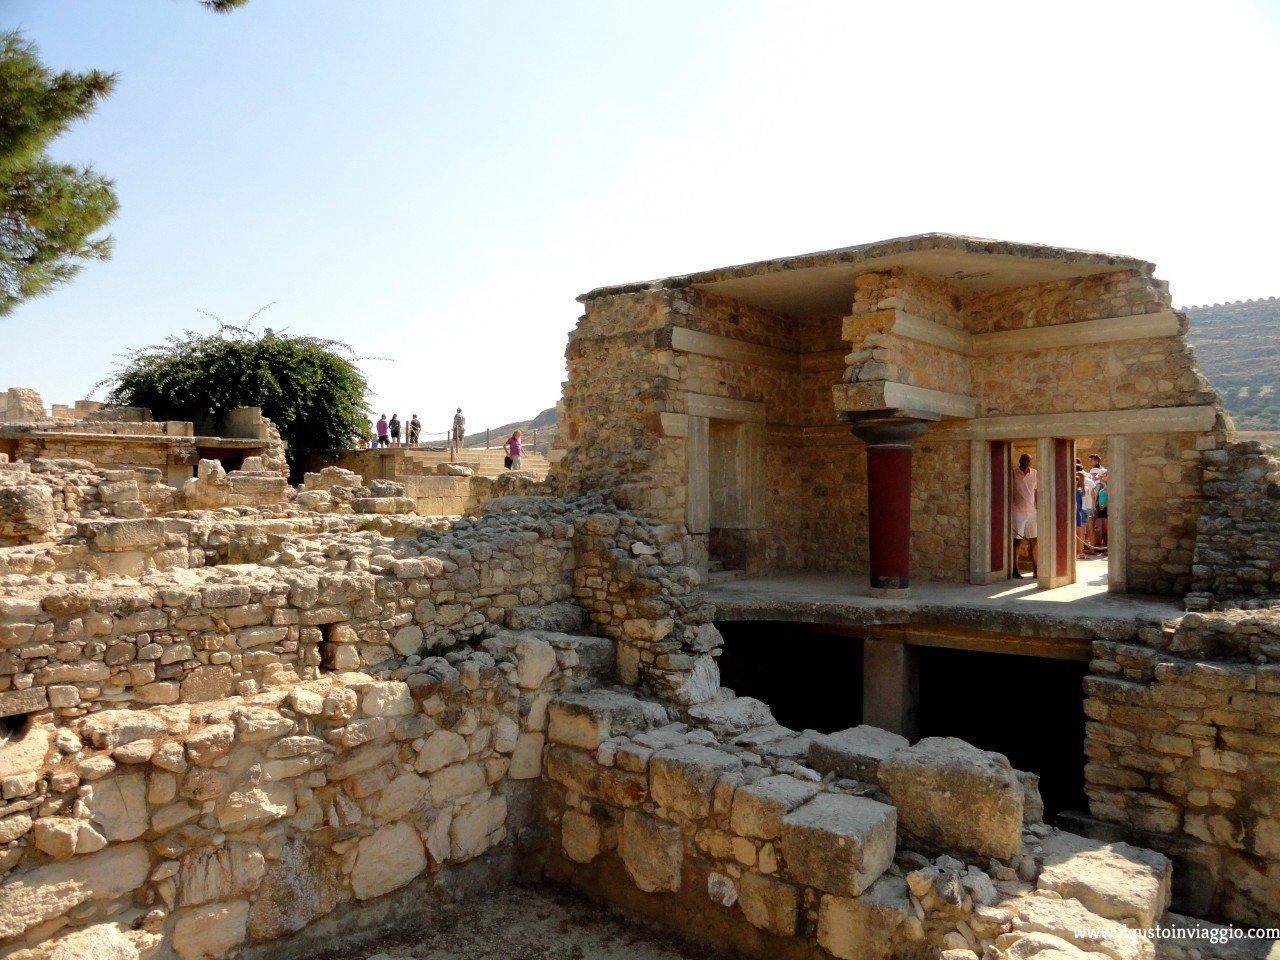 palazzo di cnosso, knossos, visitare il palazzo di cnosso